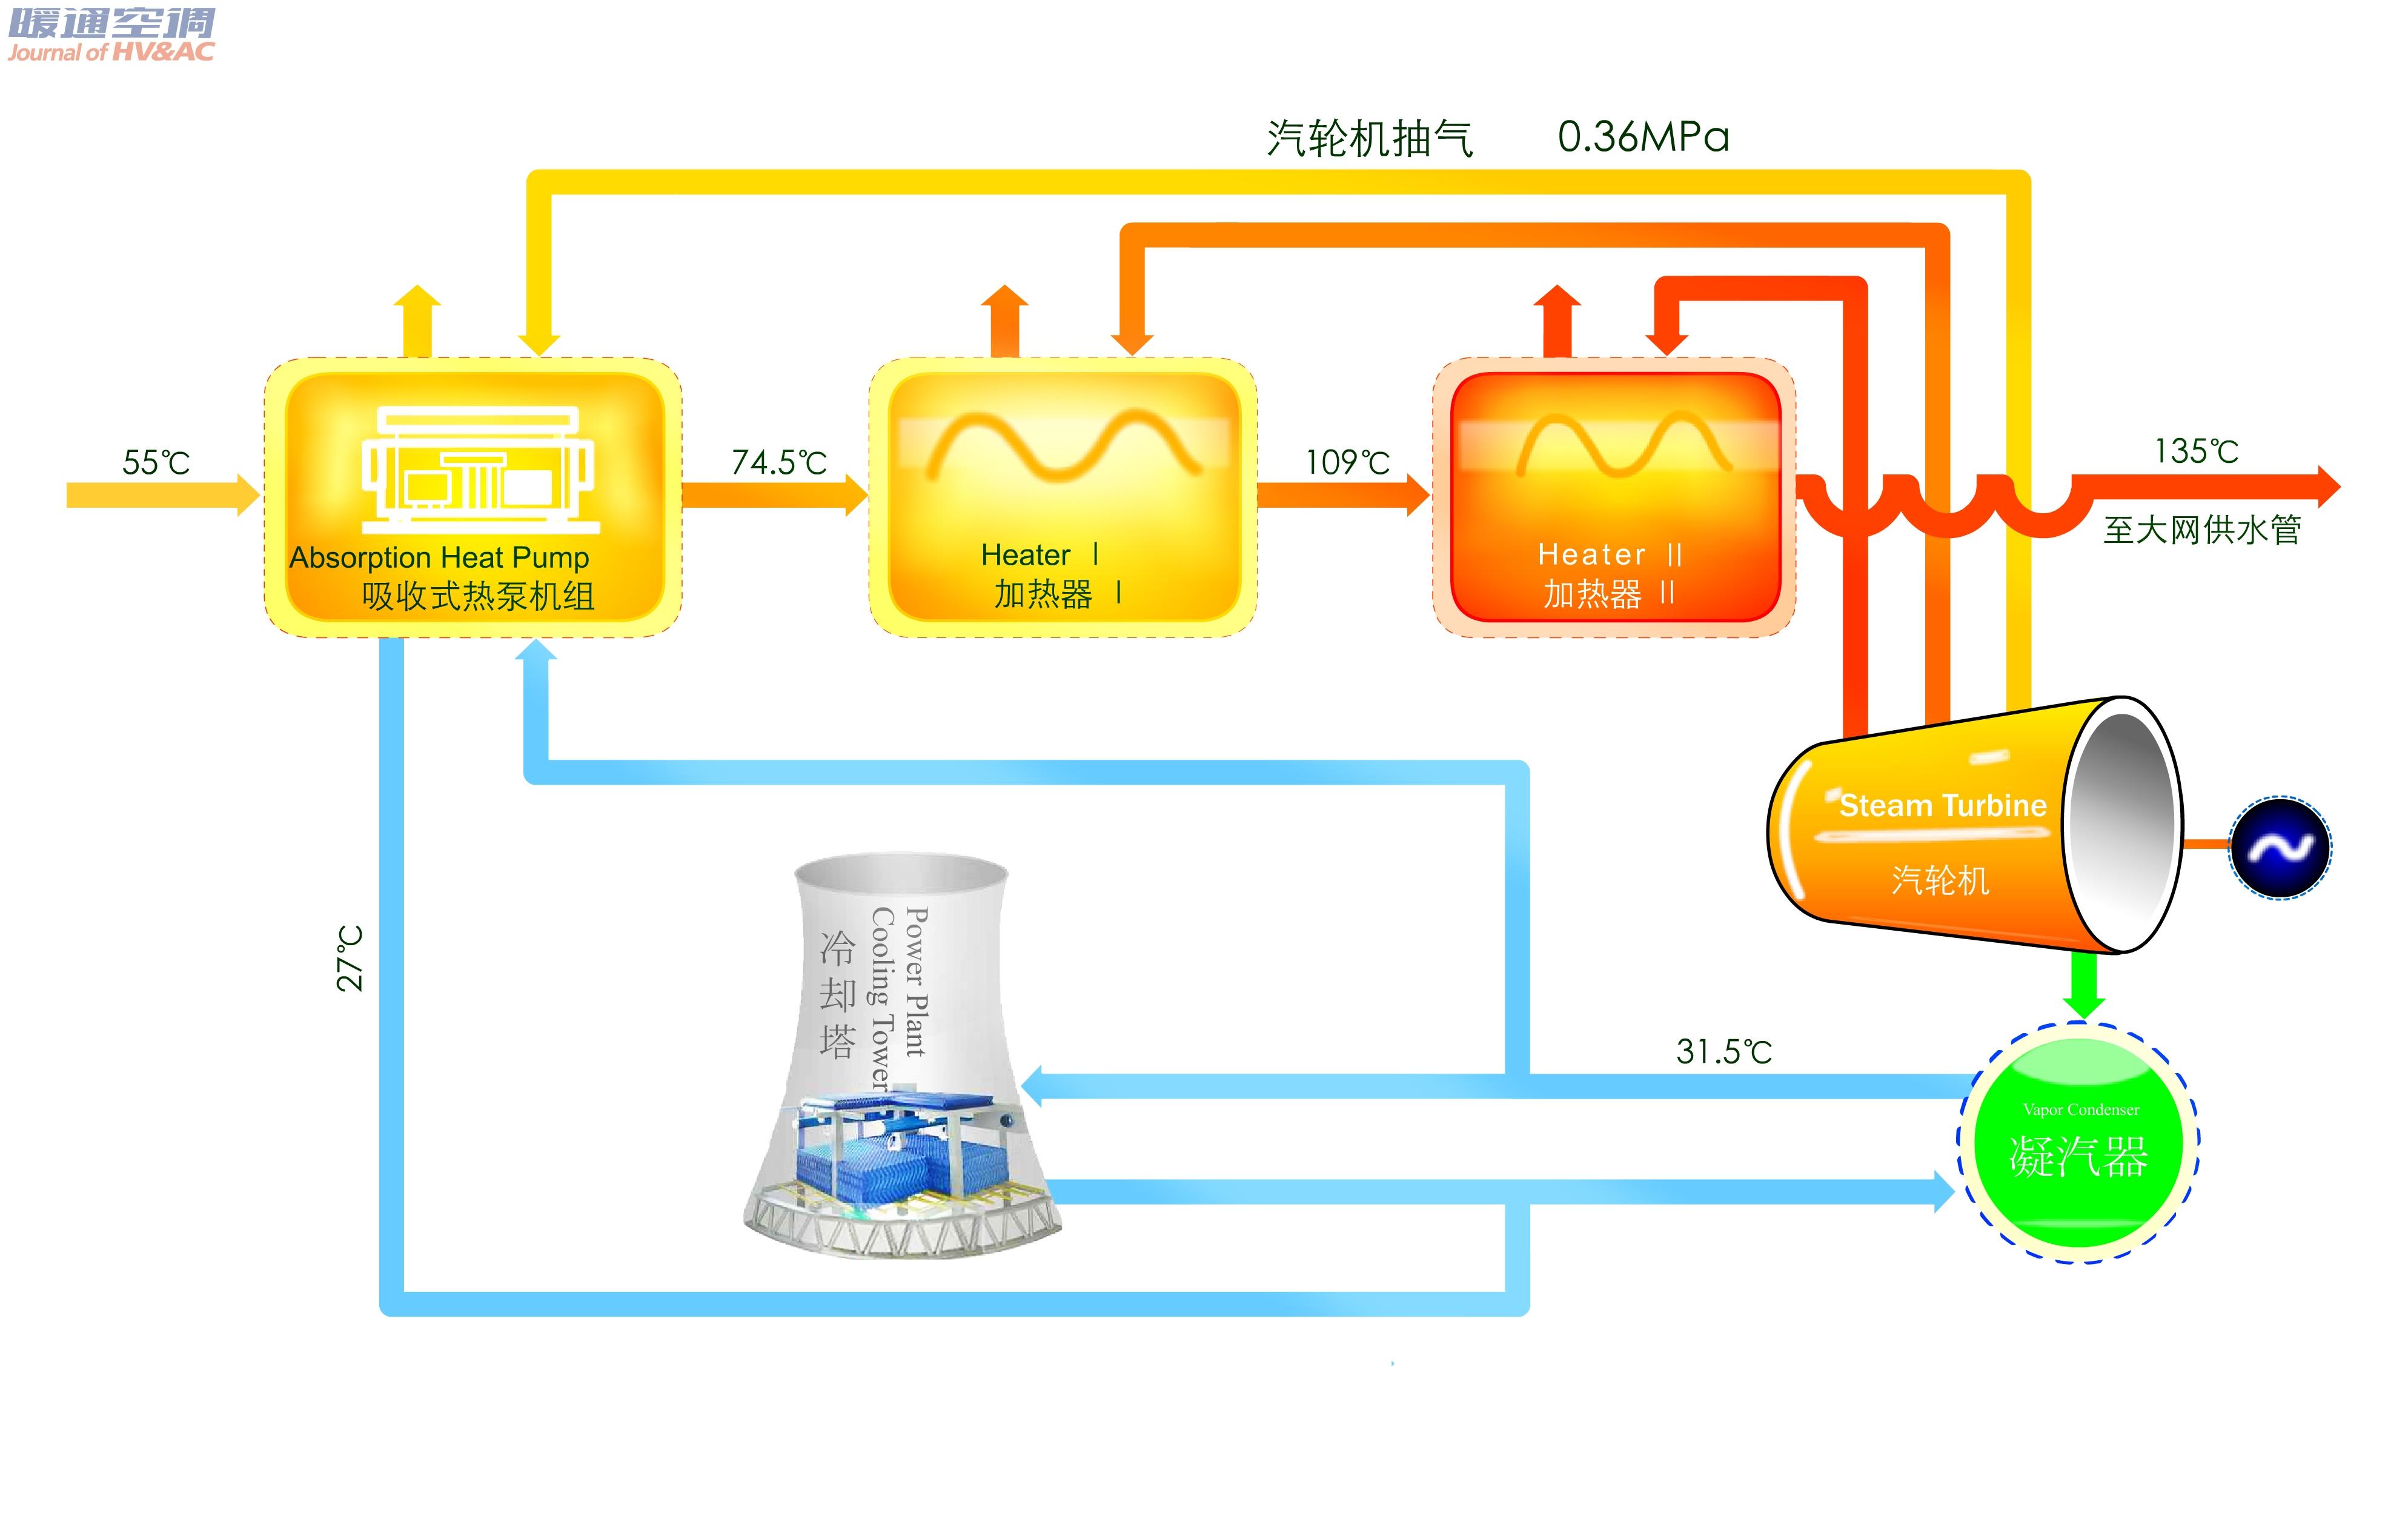 """0 引言 烟台荏原空调设备有限公司成立于1996 年,由日本荏原制作所与烟台冰轮股份有限公司合资兴建。秉承母公司""""益于地球• 始于荏原"""" 的企业理念,通过提供先进的技术和最好的服务,为社会作出广泛的贡献。 作为日本荏原在海外唯一制冷机生产基地,烟台荏原在产品技术、生产、管理等方面均保持与日本荏原同步发展。引进日本荏原600 余项技术专利,集80 多年的研发、制造经验在烟台生产目前世界上最先进的溴化锂吸收式制冷机、冷温水机组、吸收式热泵机组、离心式冷水(热泵)机组、螺杆式"""